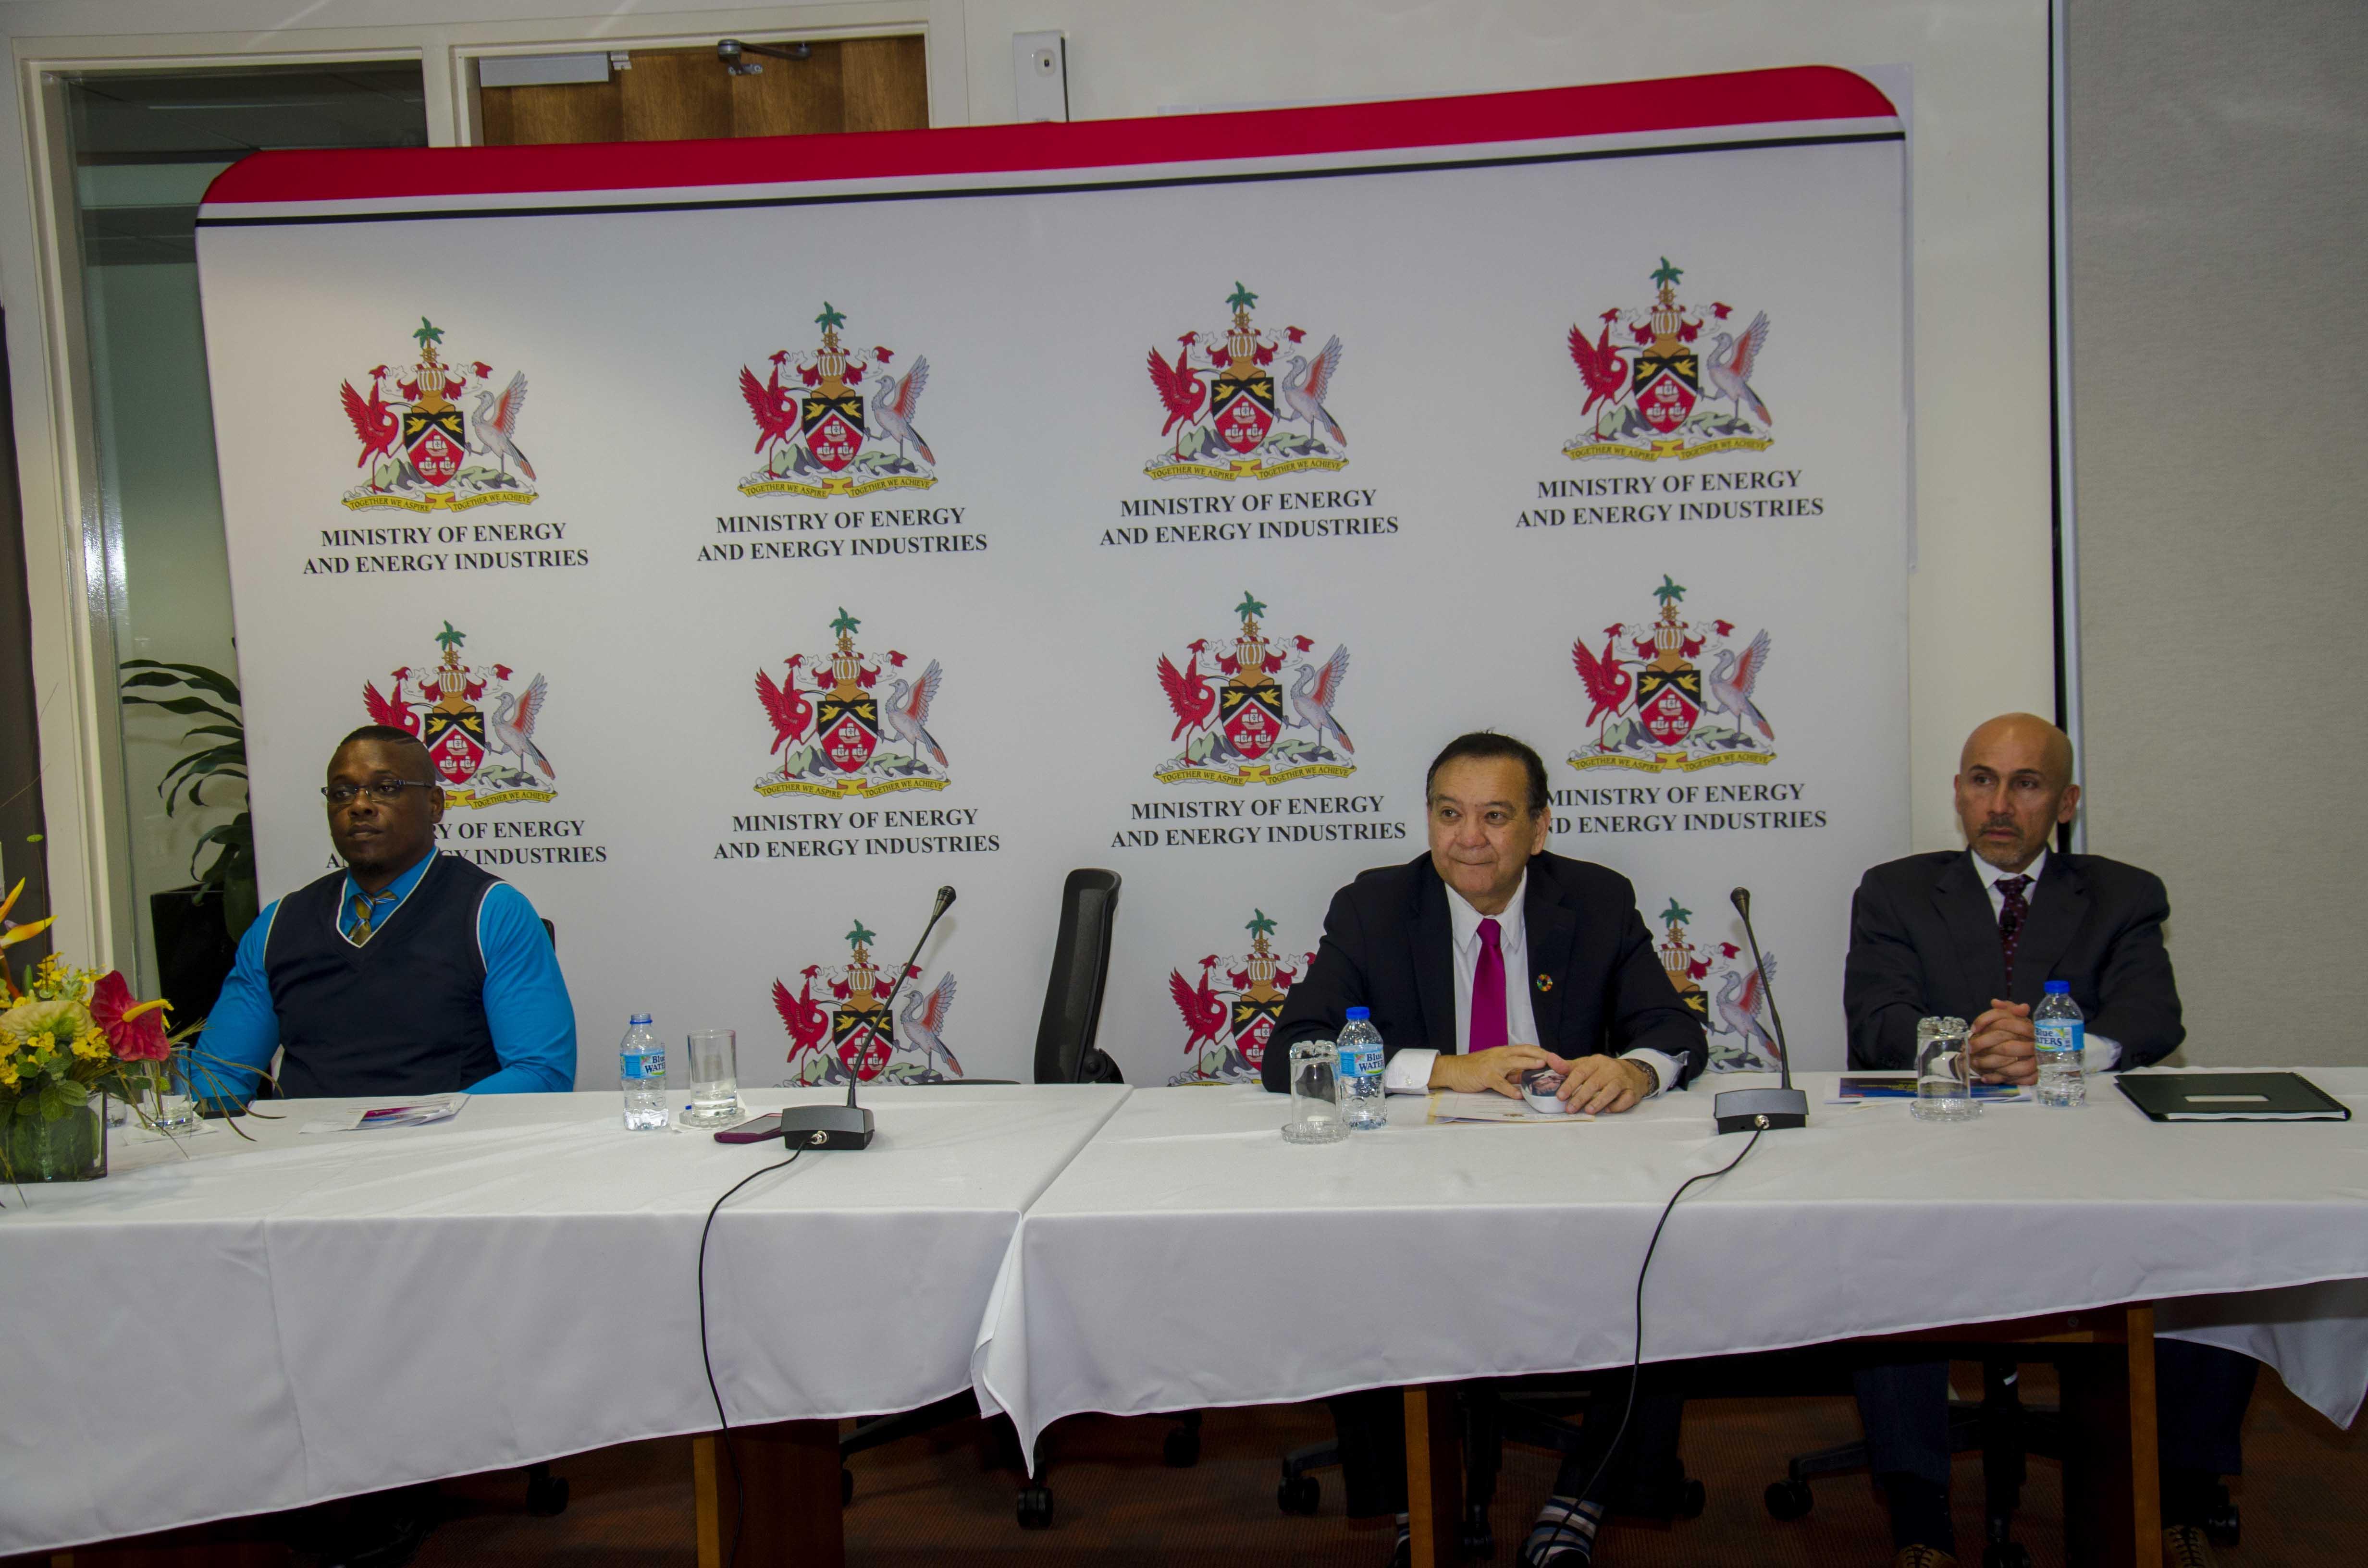 Trinidad & Tobago has 13.5 Years of Gas Reserves